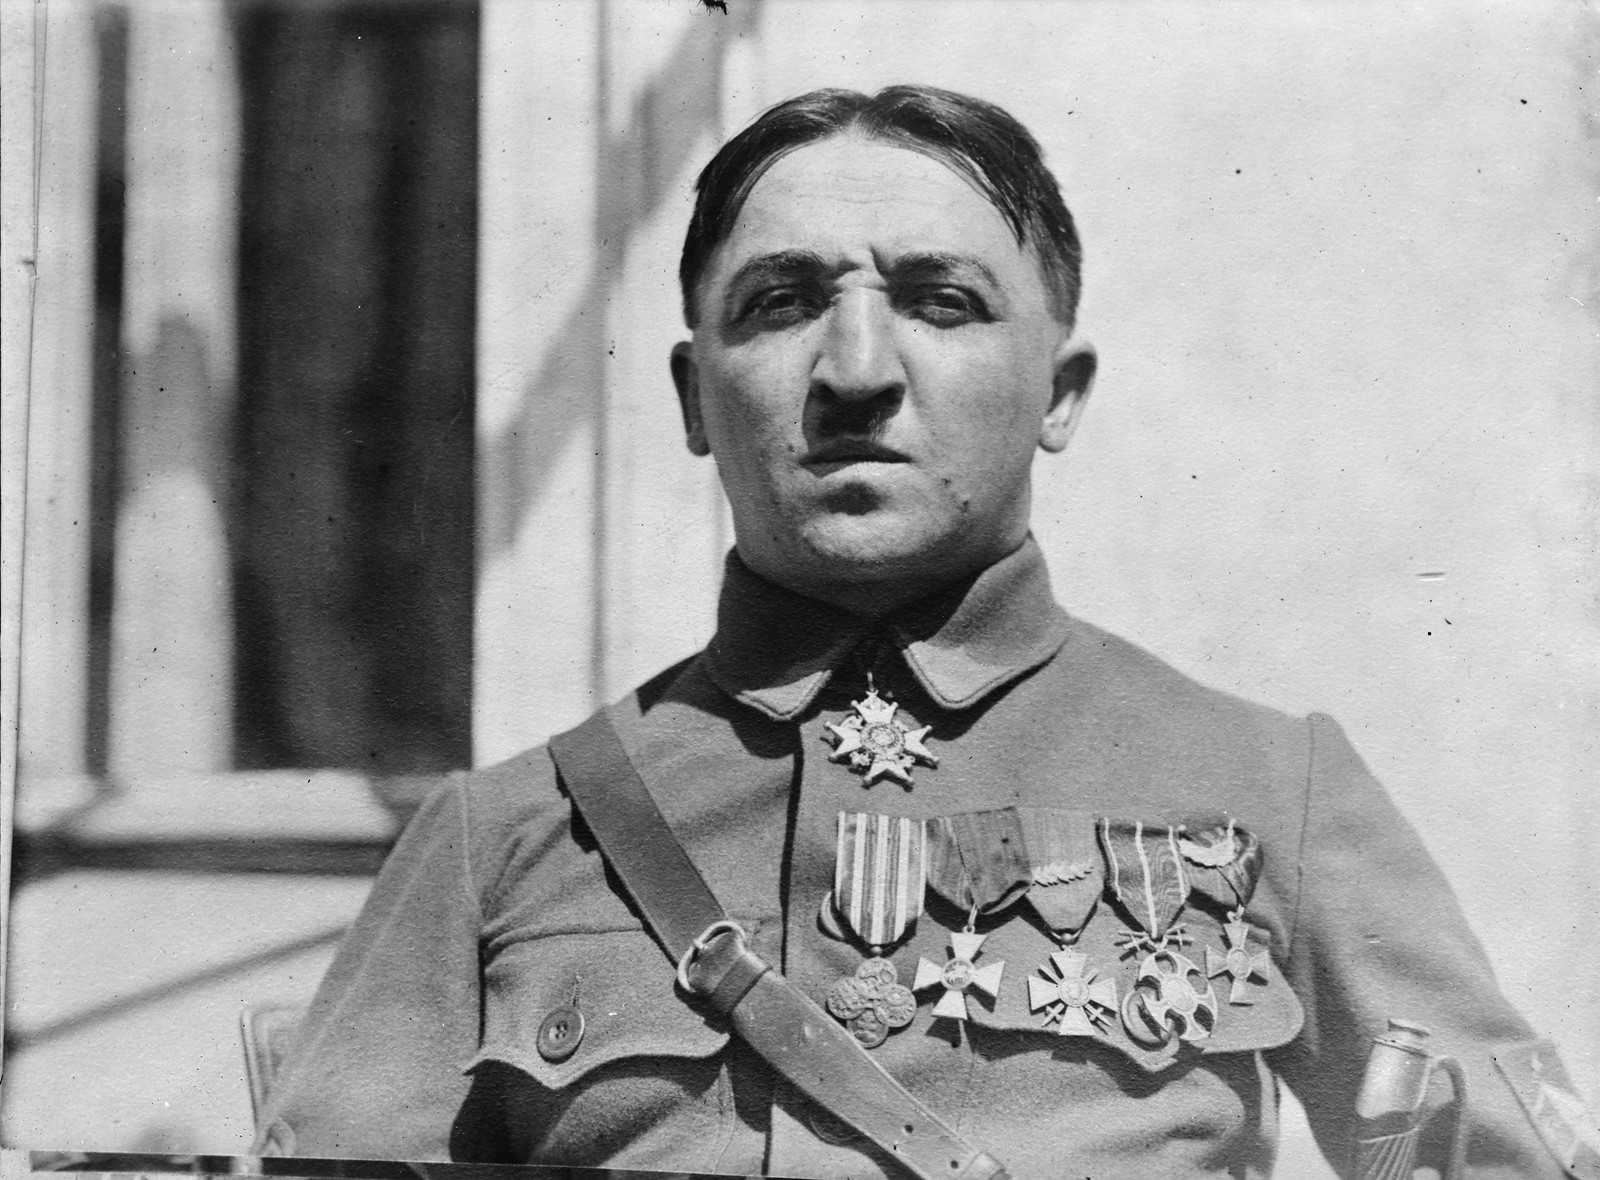 1919. Командующий группы войск Чехословакии в Сибири генерал-майор  Станислав Чечек